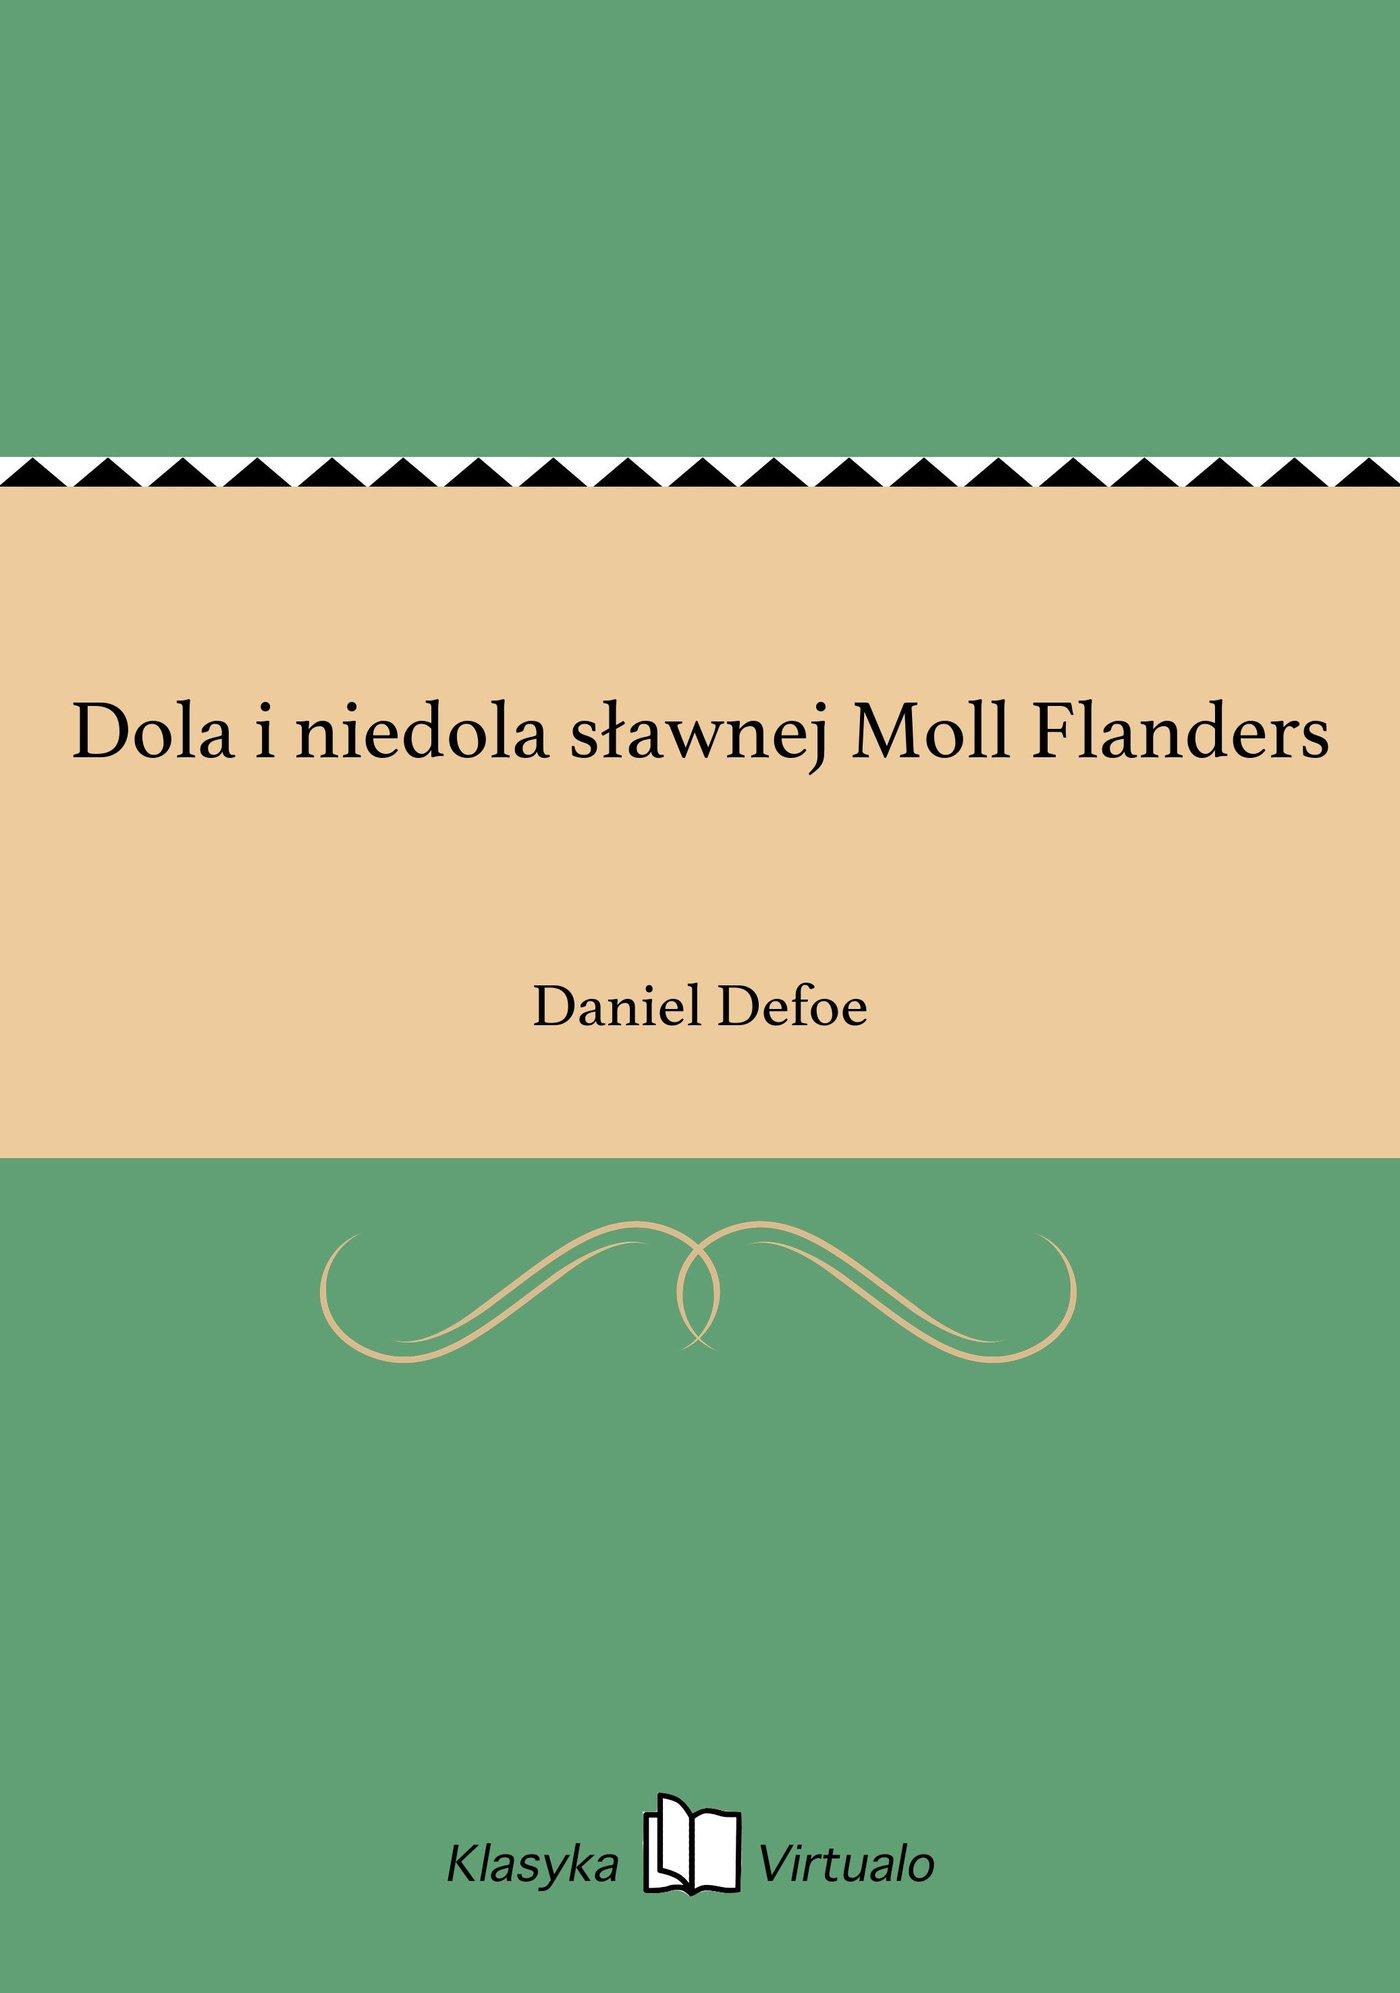 Dola i niedola sławnej Moll Flanders - Ebook (Książka EPUB) do pobrania w formacie EPUB